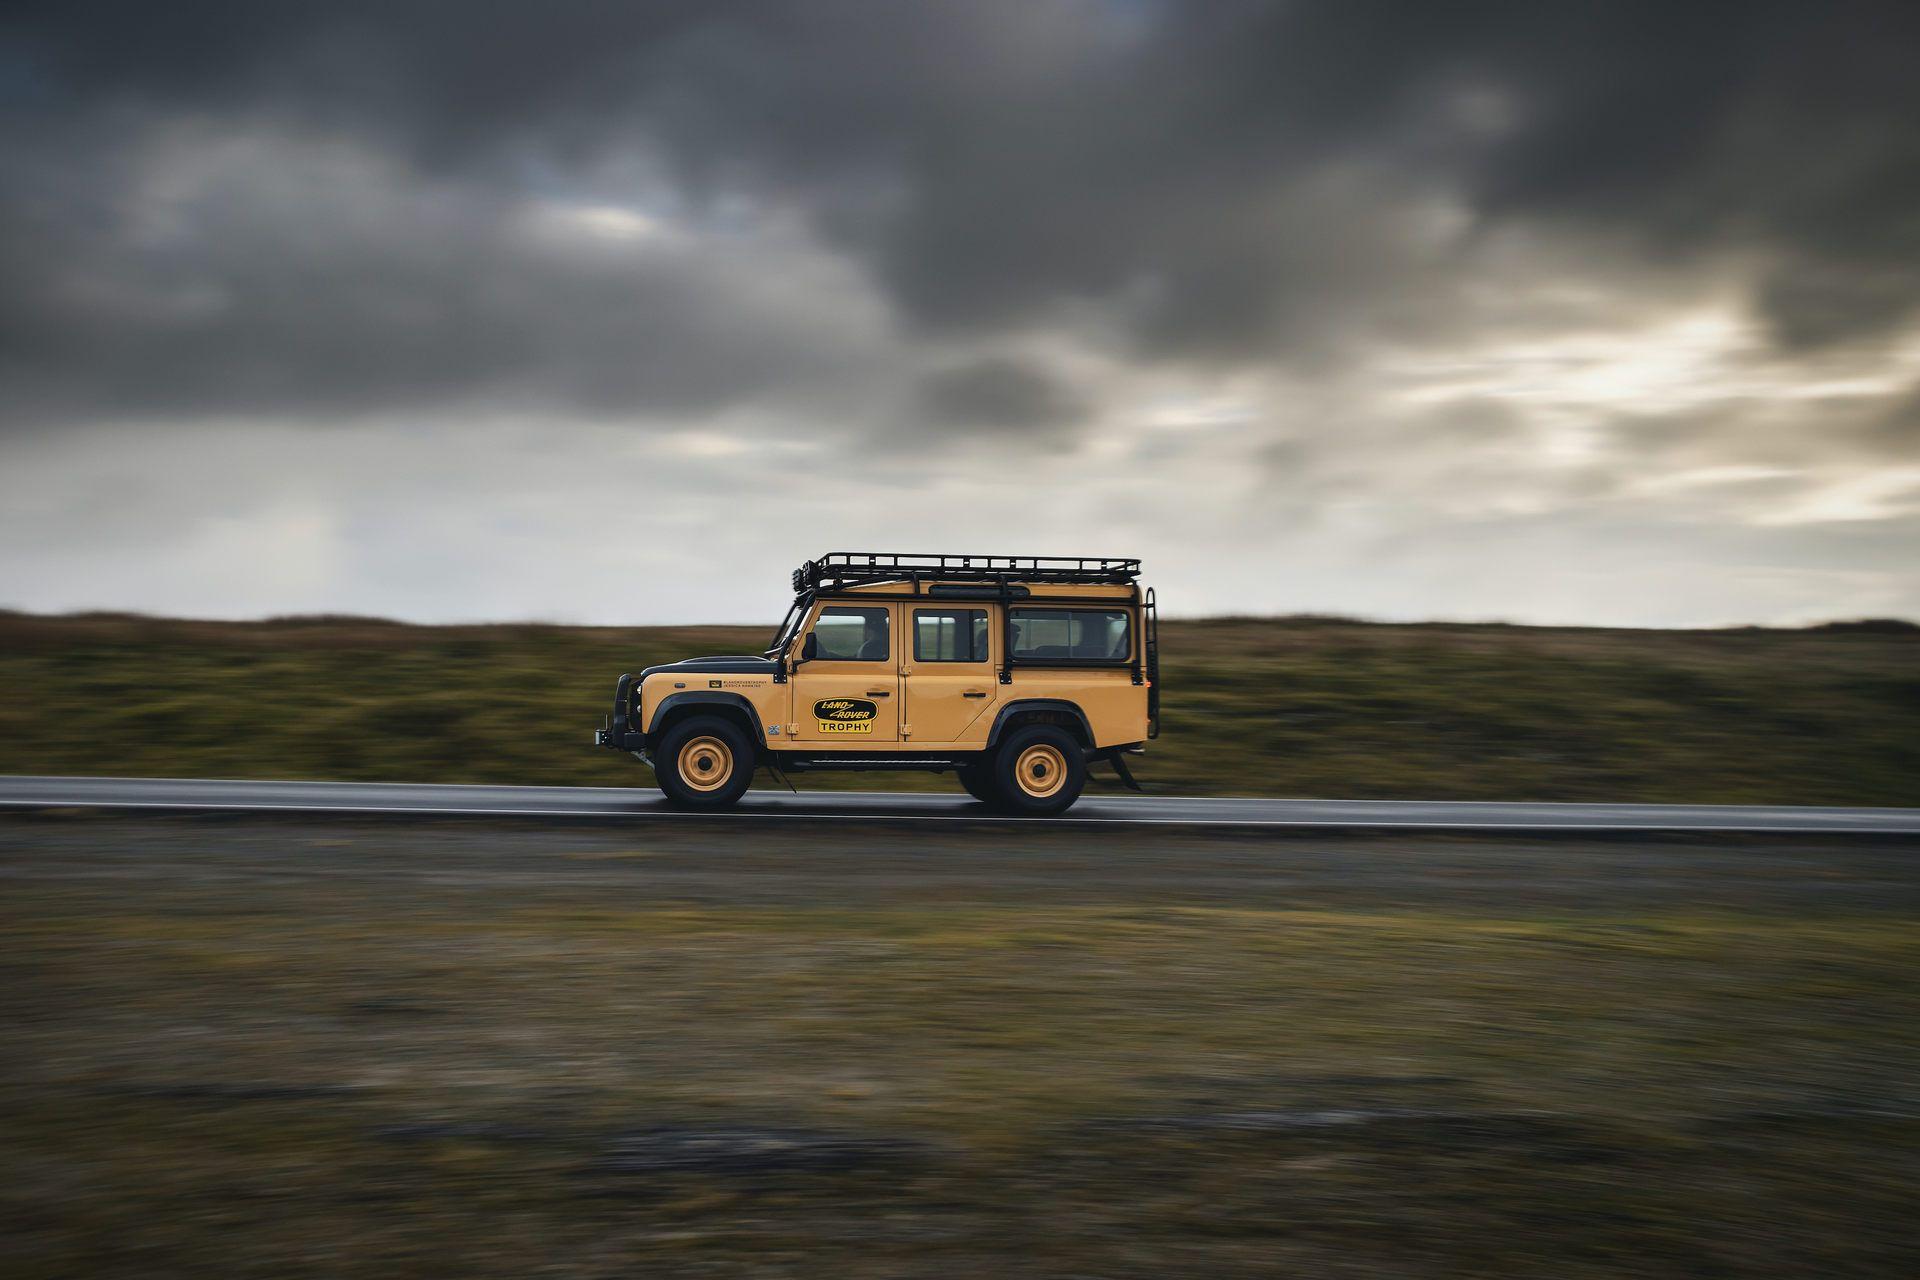 Land-Rover-Defender-Works-V8-Trophy-5